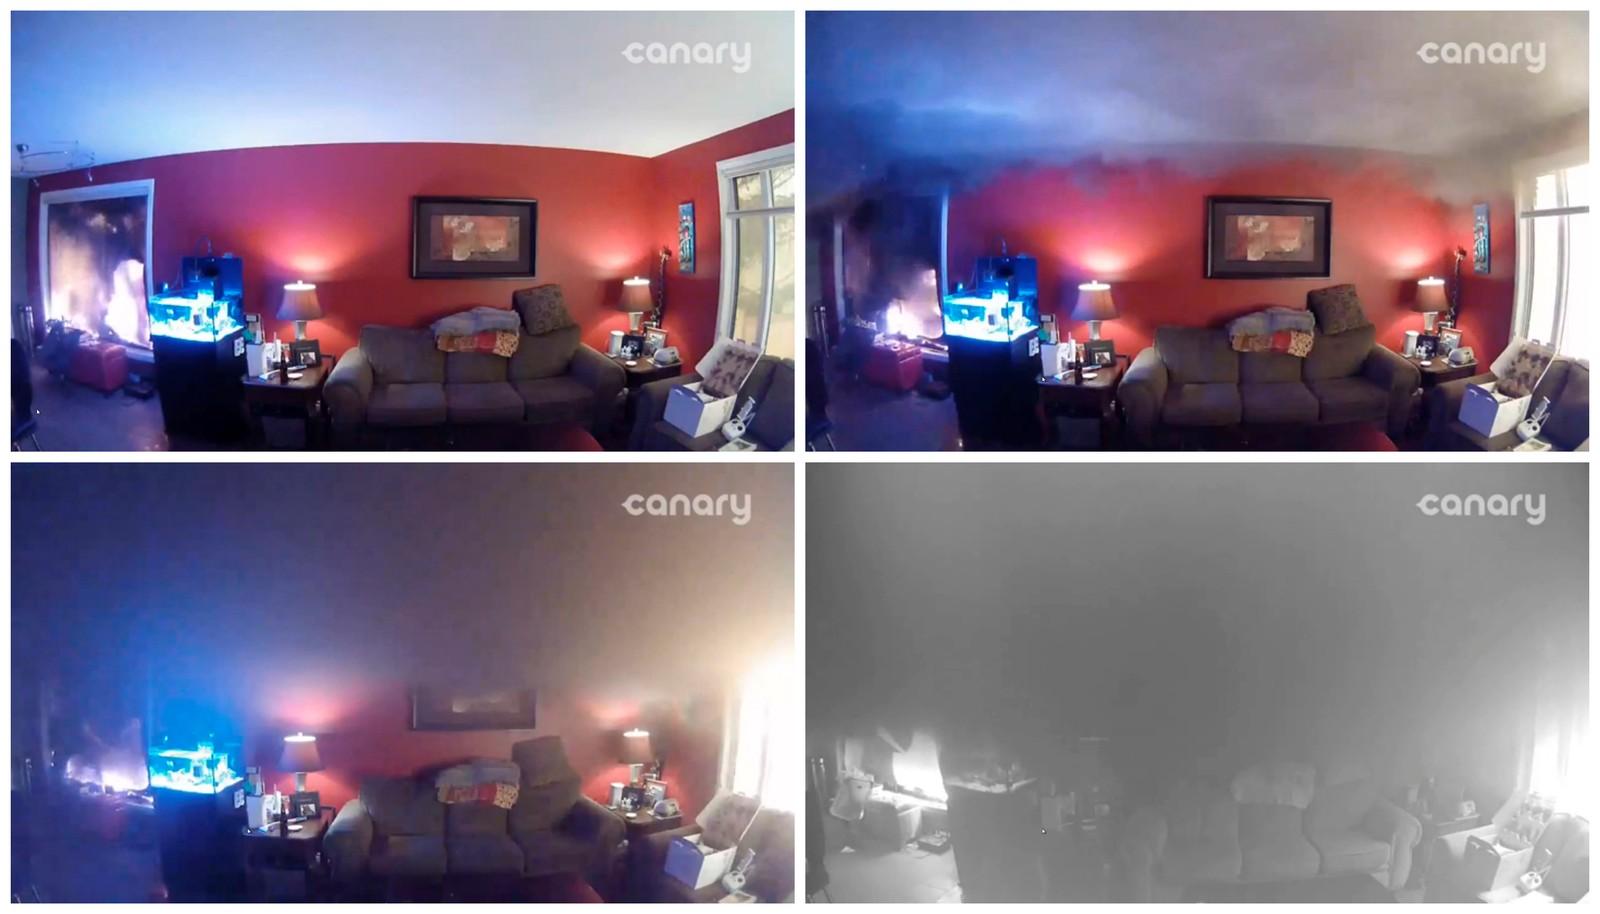 Bilder fra et overvåkingskamera som viser hvordan skogbrannen sluker hjemmet til James O'Reilly i Fort McMurray, Alberta, Canada, 6. mai 2016.